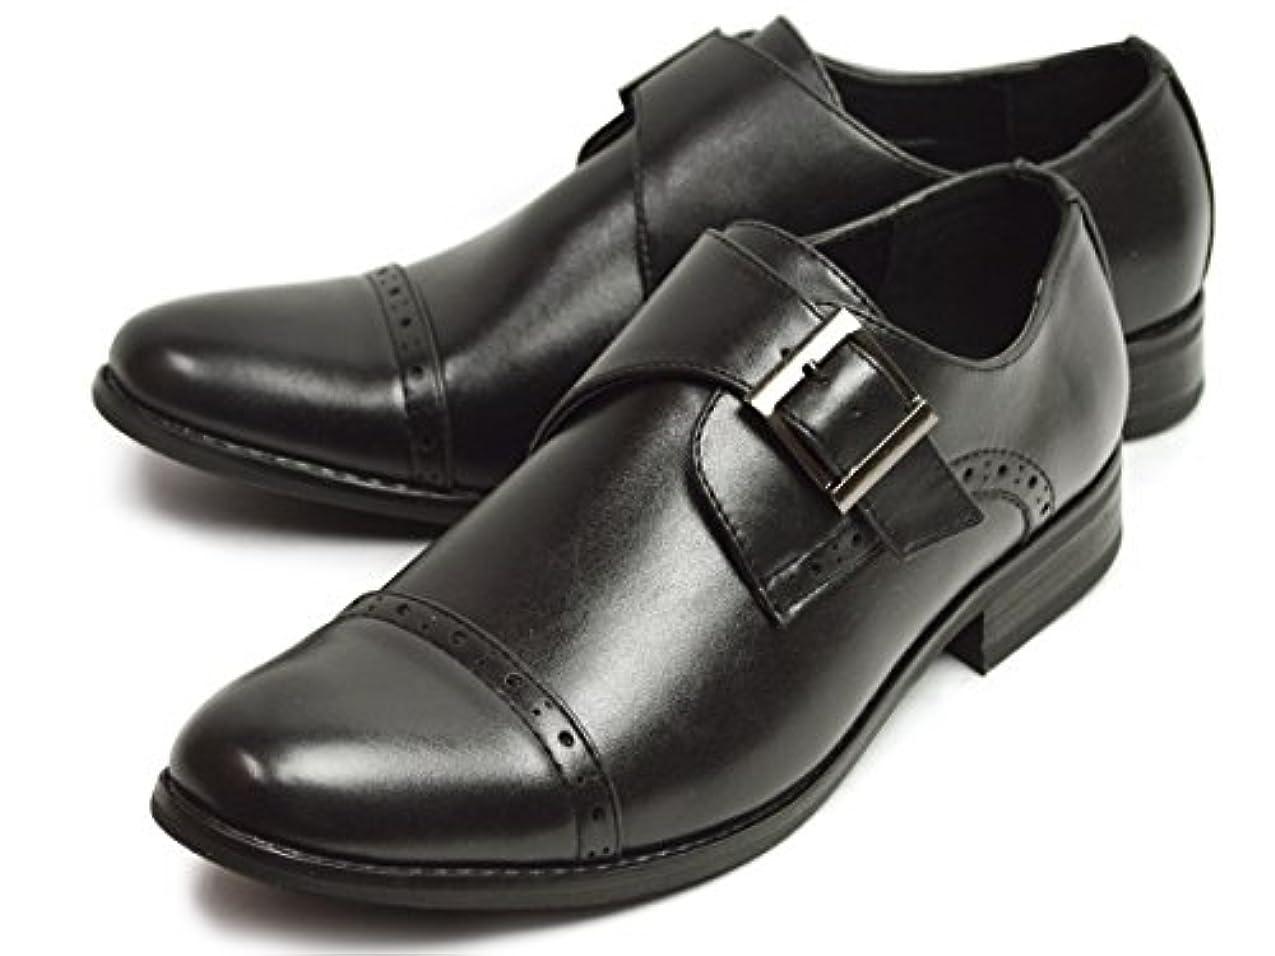 宗教記念品ごみALFRED GALLERIA ビジネスシューズ メンズ メンズシューズ ビジネスカジュアル フォーマル ストレートチップ メダリオン レースアップ 靴 紳士靴